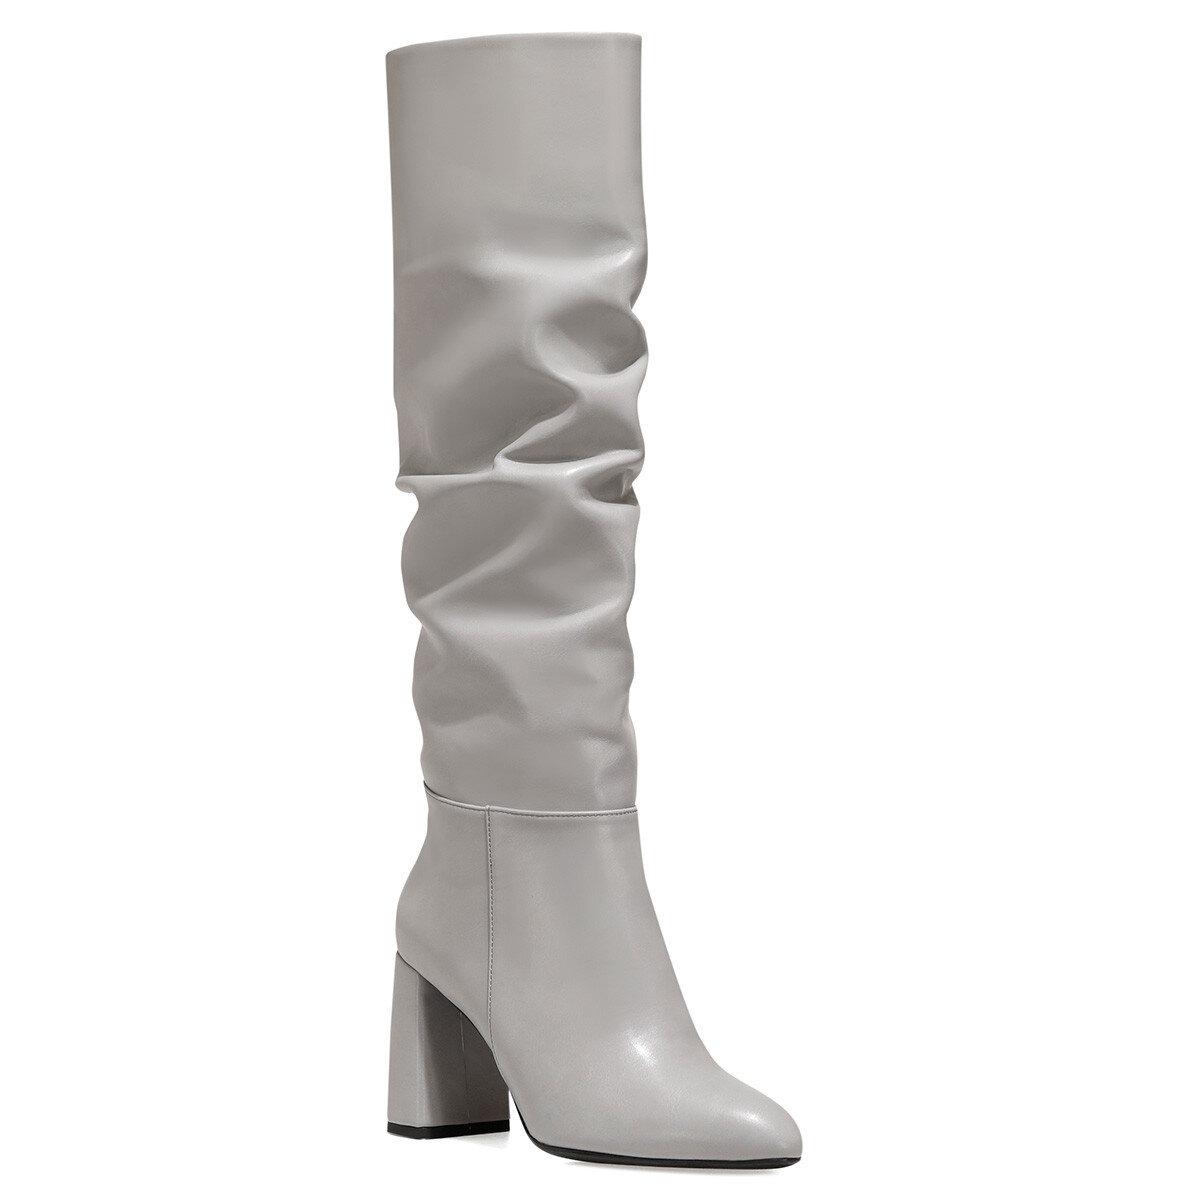 SORAMA Açık Gri Kadın Topuklu Çizme